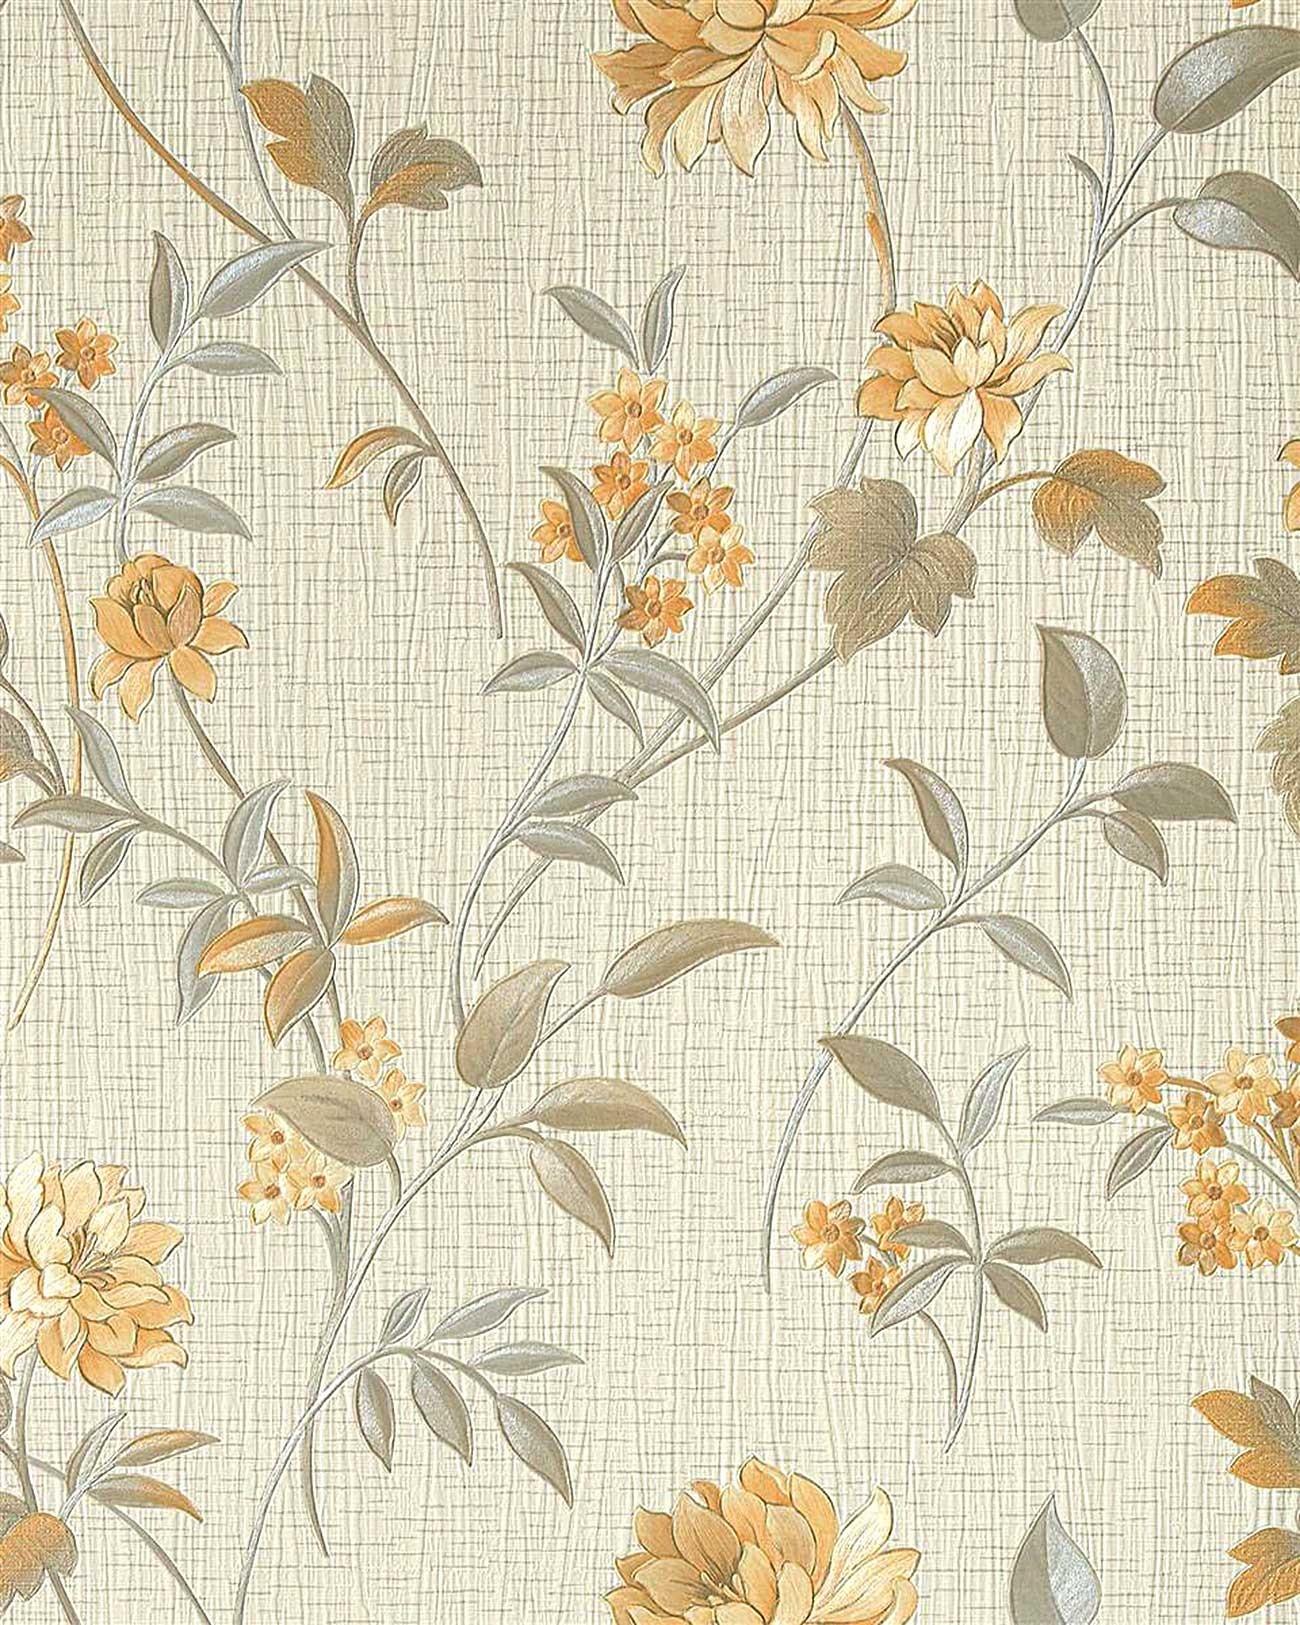 papier peint haut de gamme motif edem 751 32 floral style. Black Bedroom Furniture Sets. Home Design Ideas